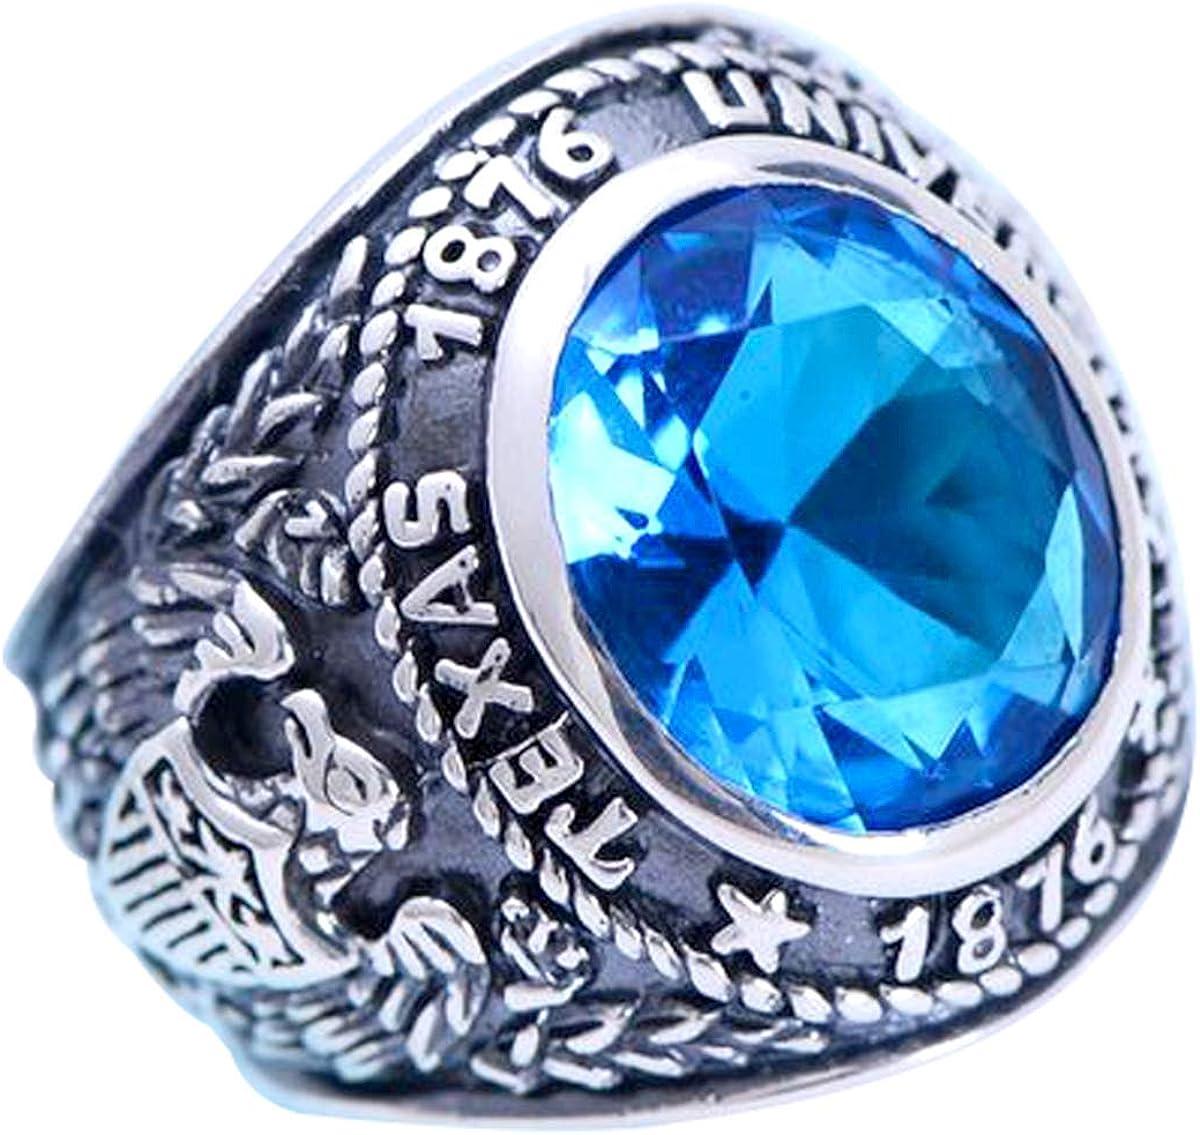 FORFOX Herren Vintage 925 Sterling Silber Blau Kristall Class Ring Schmuck mit Adler